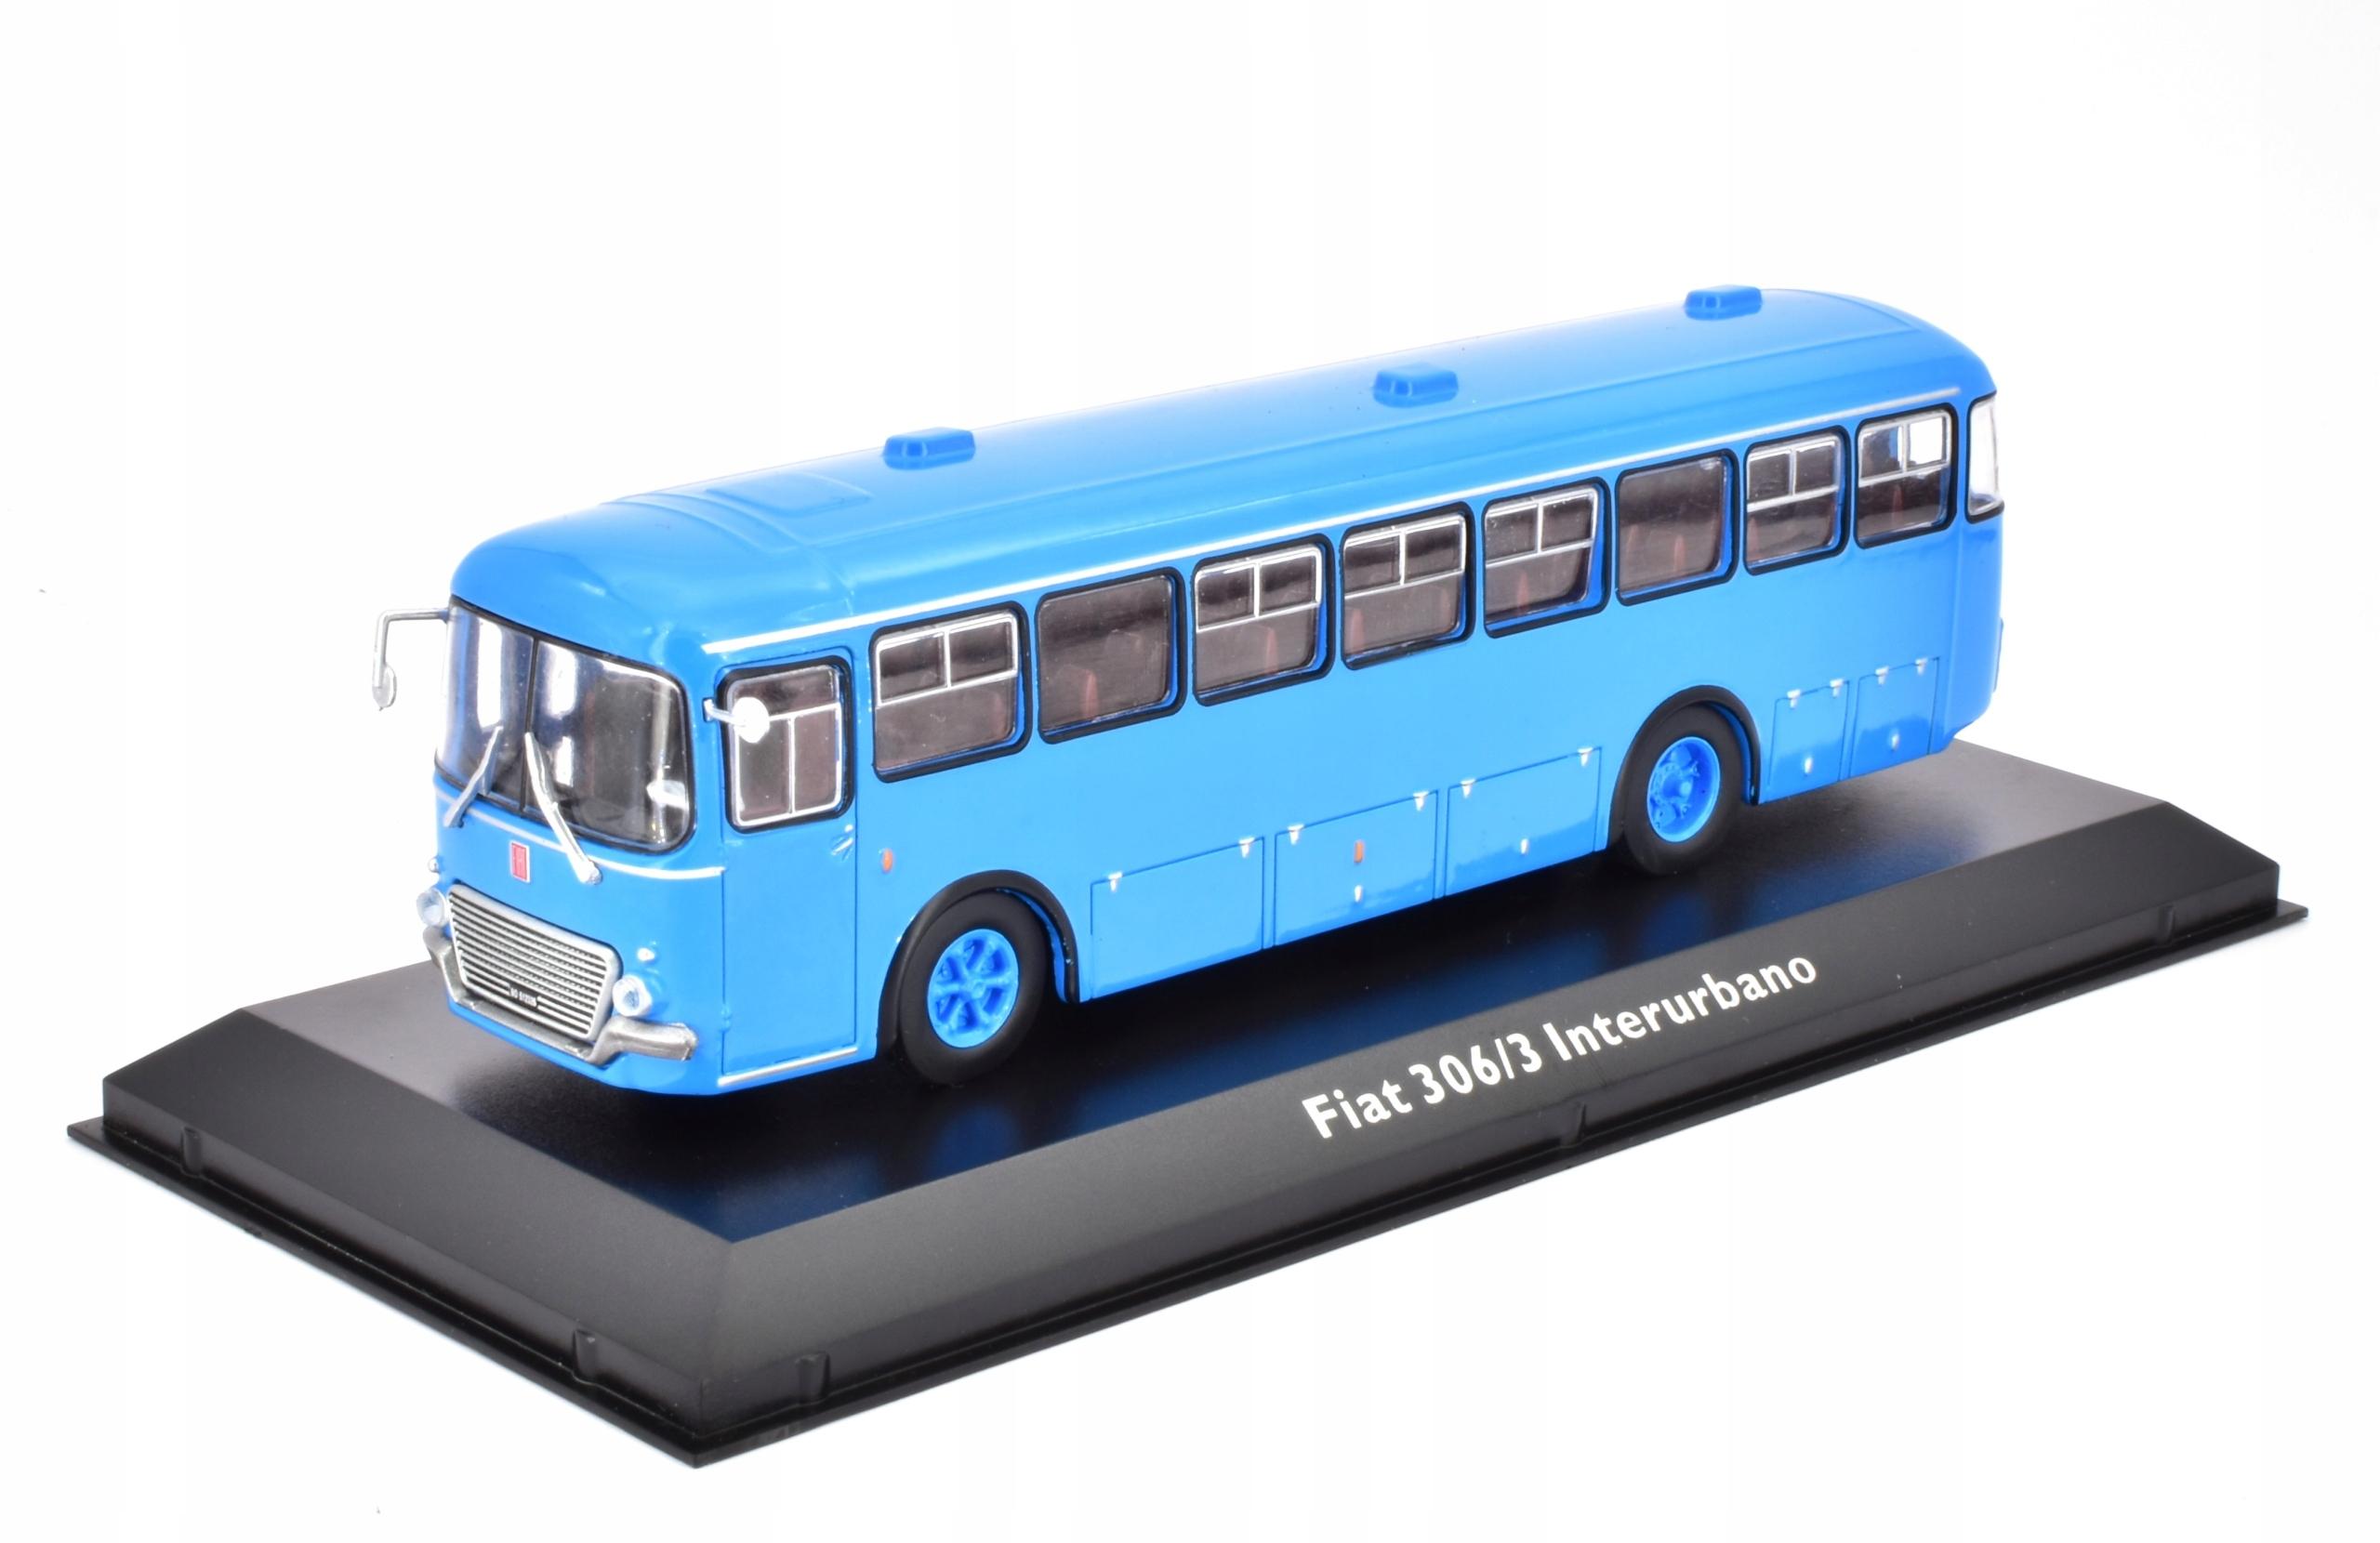 Fiat 306/3 Interurbano -1:72- ATLAS 4642127